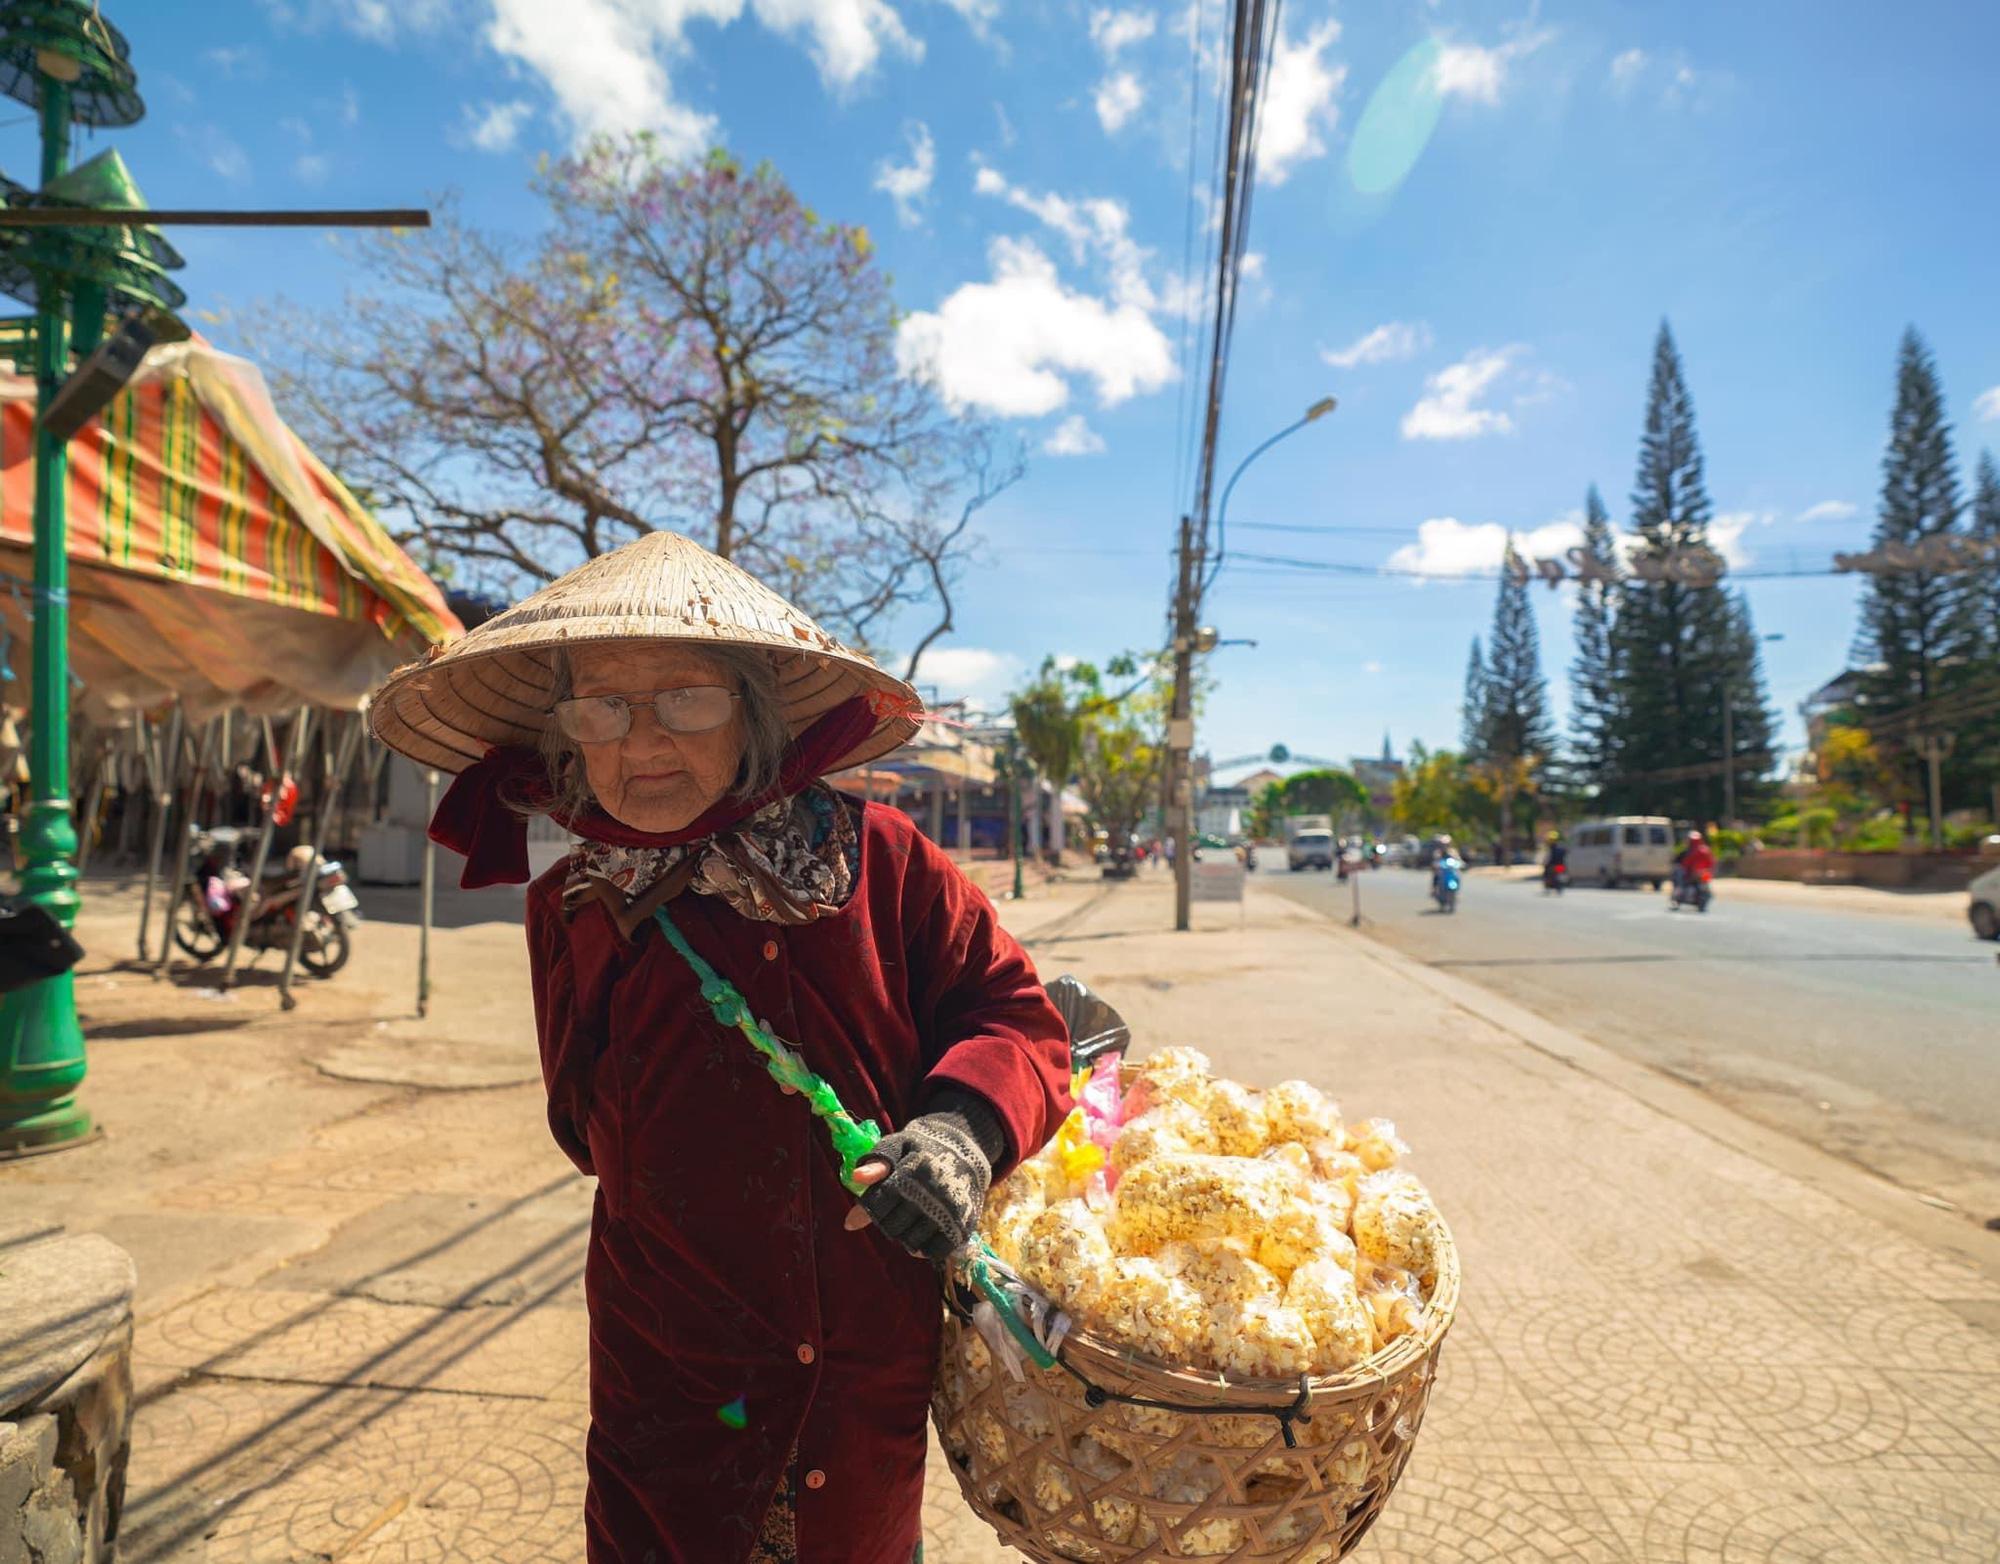 Gặp bà cụ 94 tuổi bán bỏng ngô dạo khắp Đà Lạt: Mỗi bức ảnh là câu chuyện khiến người ta cảm động-5